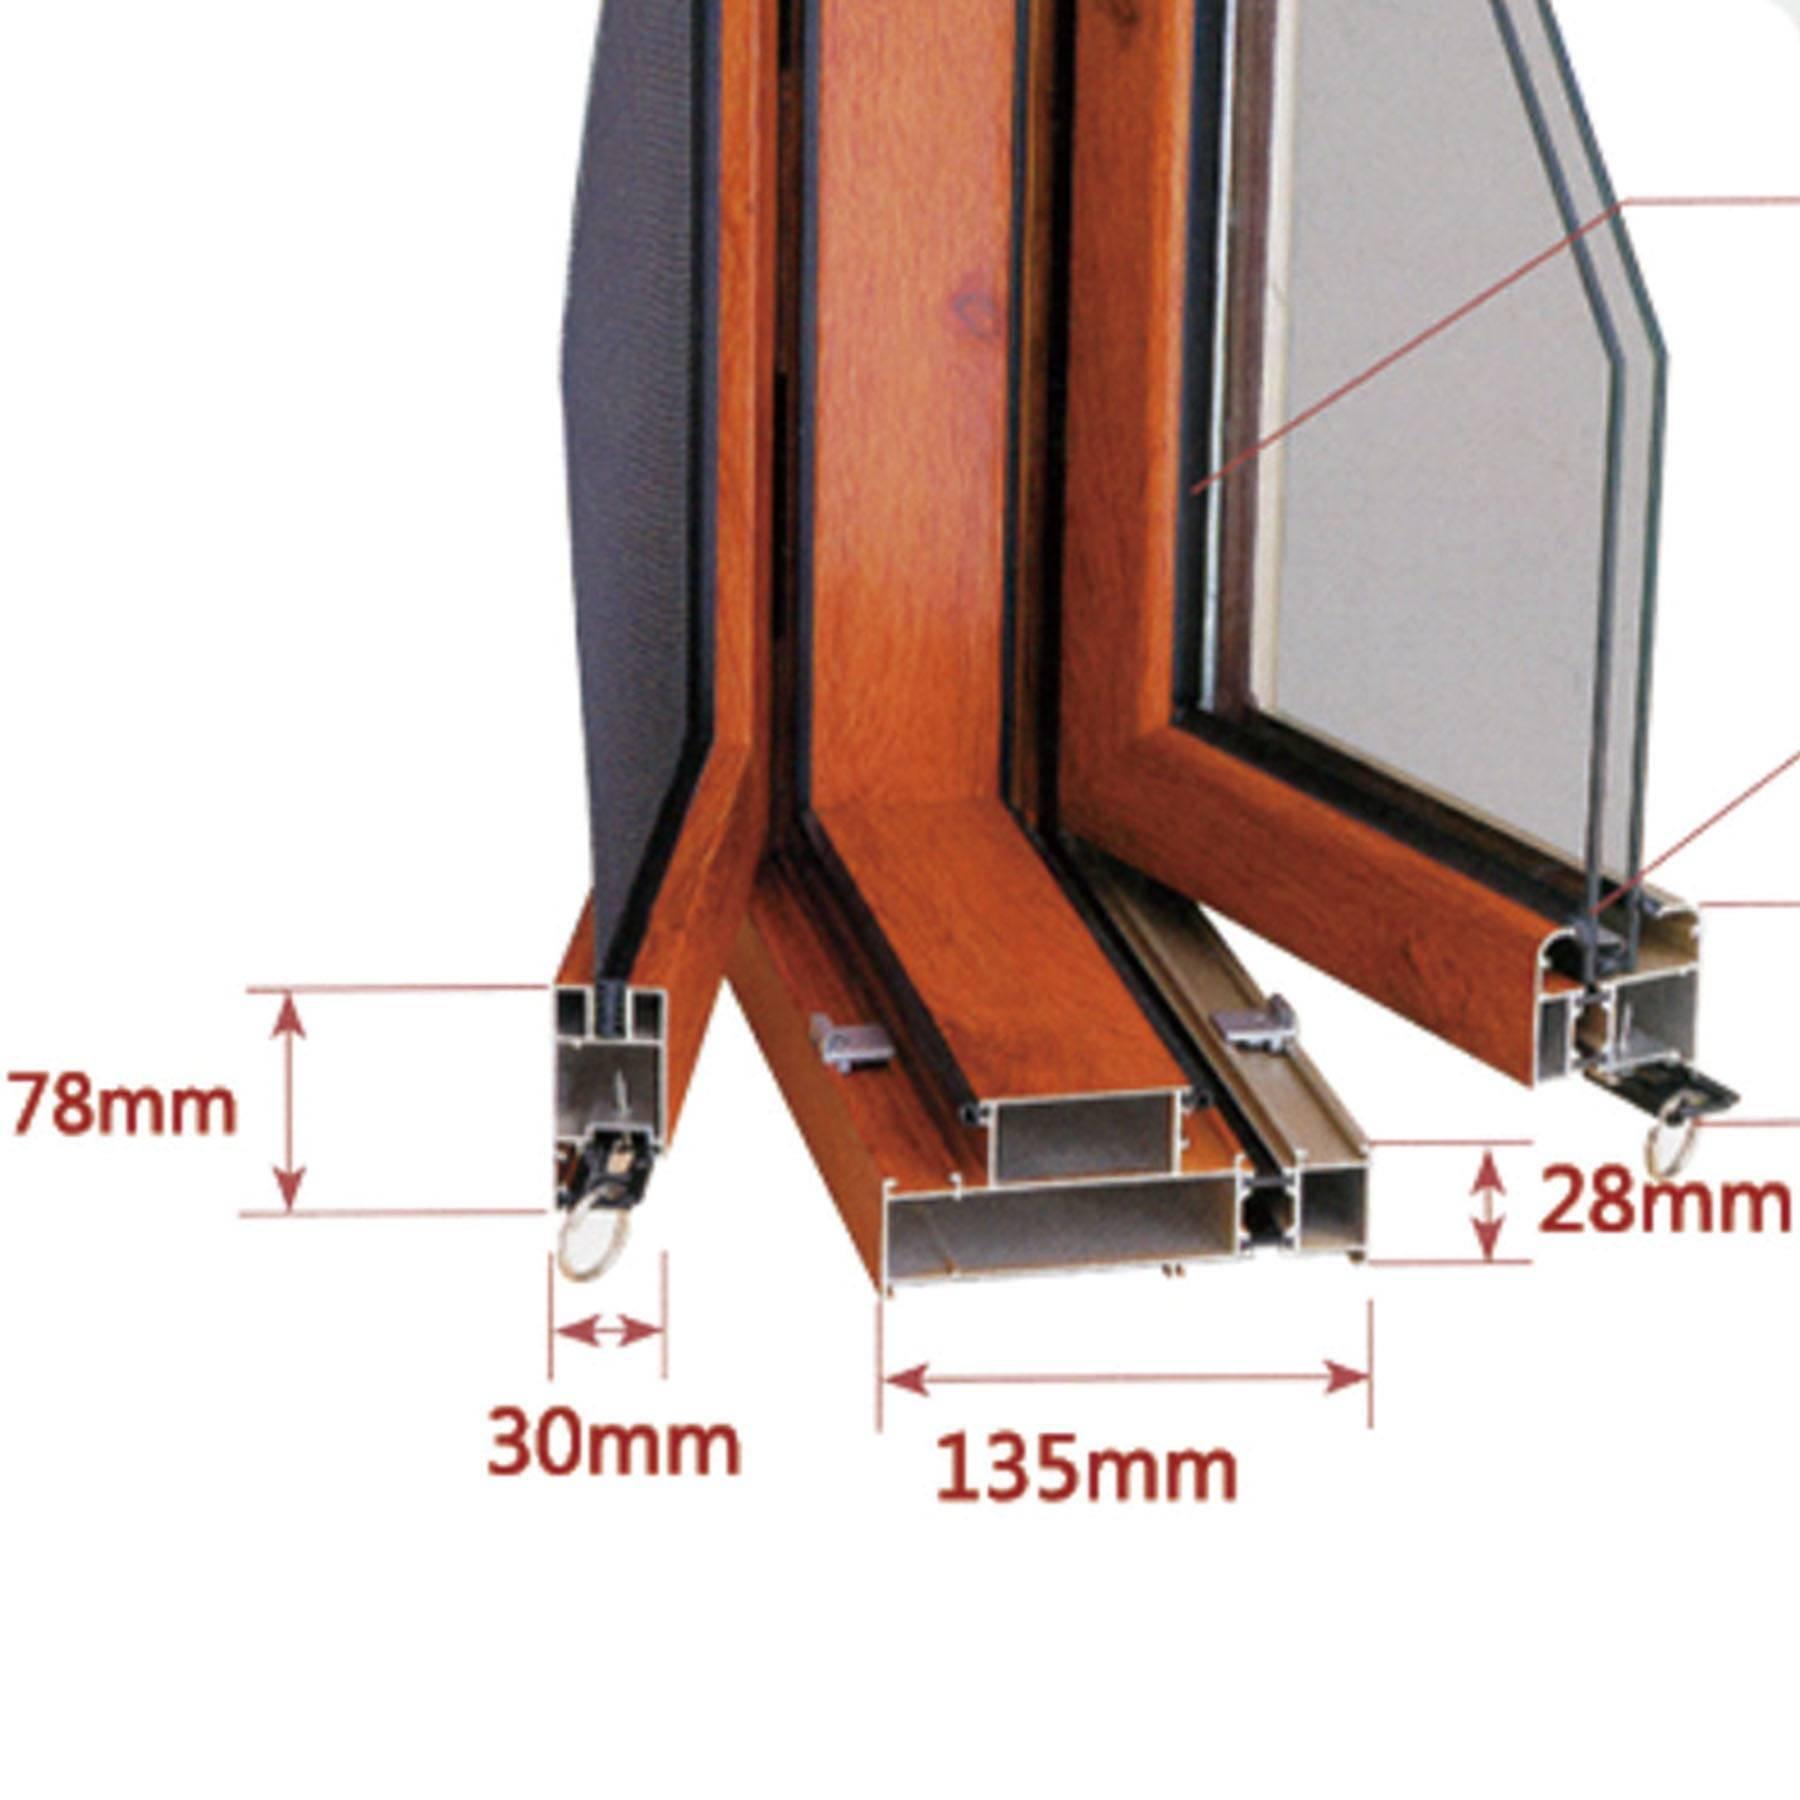 断桥铝合金门窗55/80MG游戏大厅/90/108等是什么意思?代价多